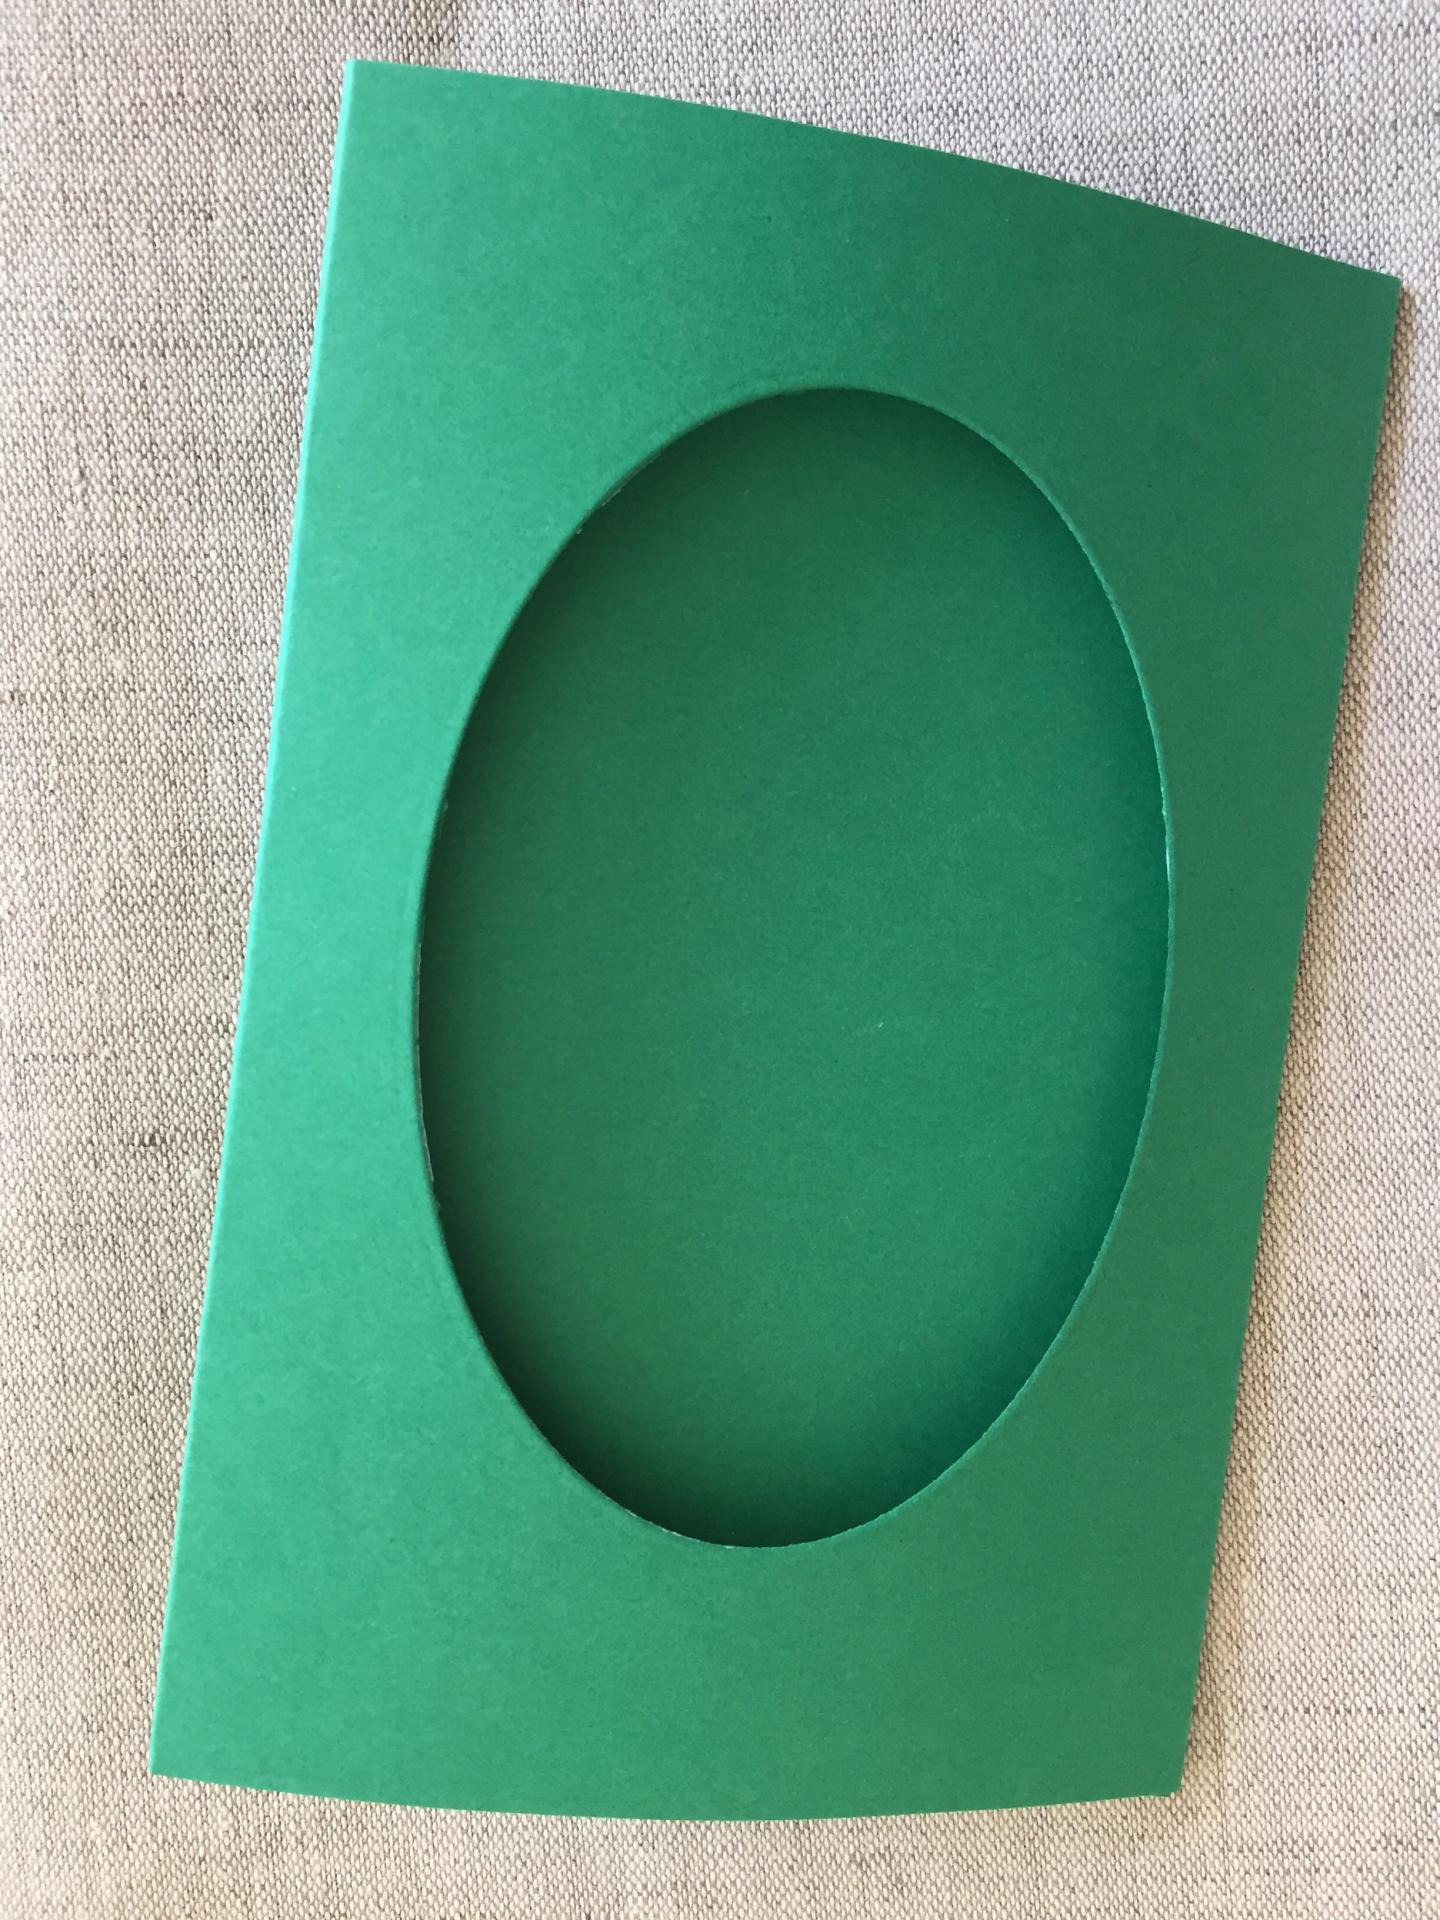 Carte ovale vert bouteille